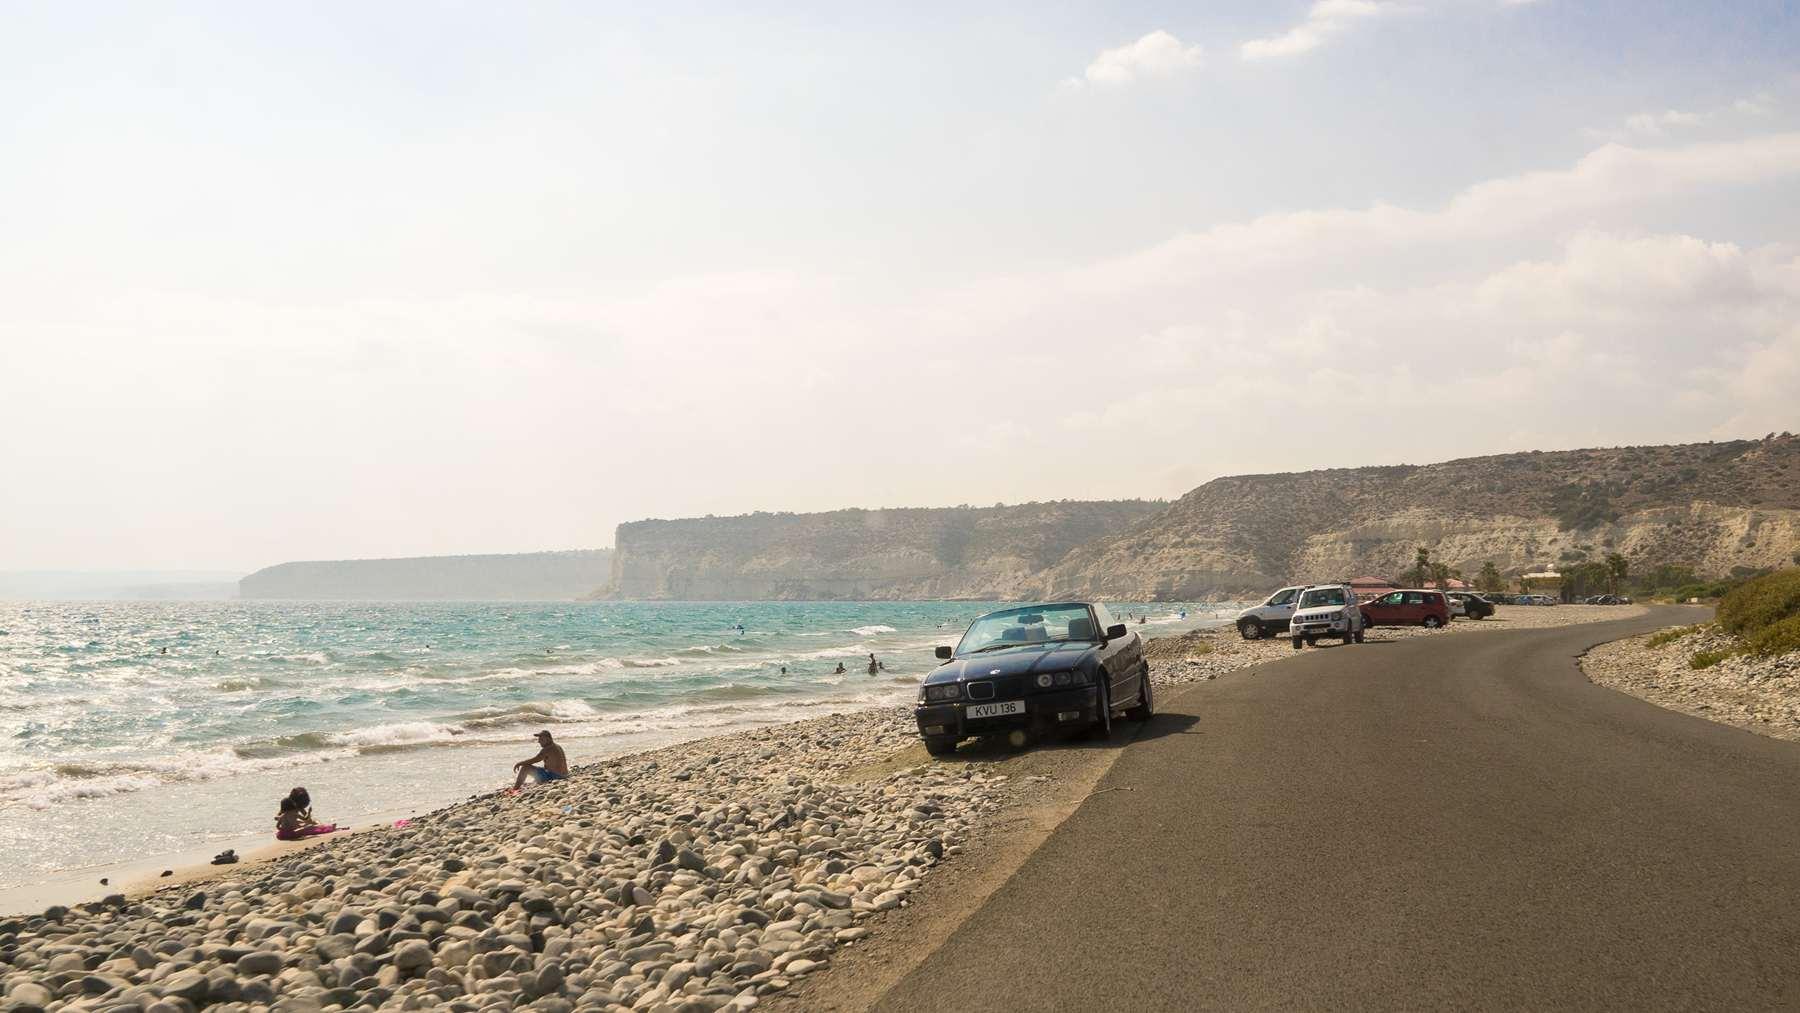 Дорога около пляжа Куриеон (Coureon beach)